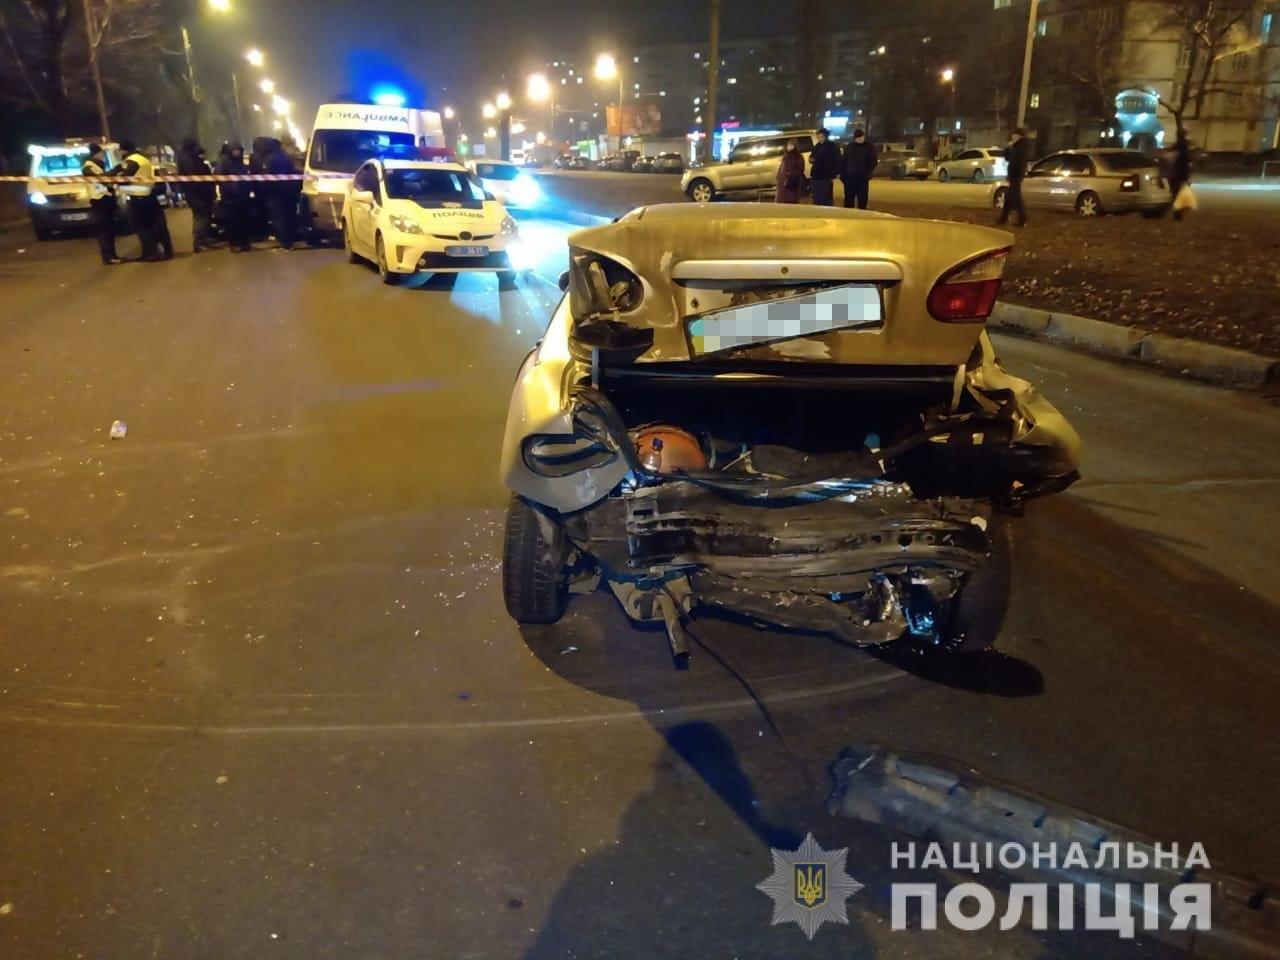 В Харькове пьяный водитель устроил ДТП и пытался скрыться с места аварии, - ФОТО, фото-3